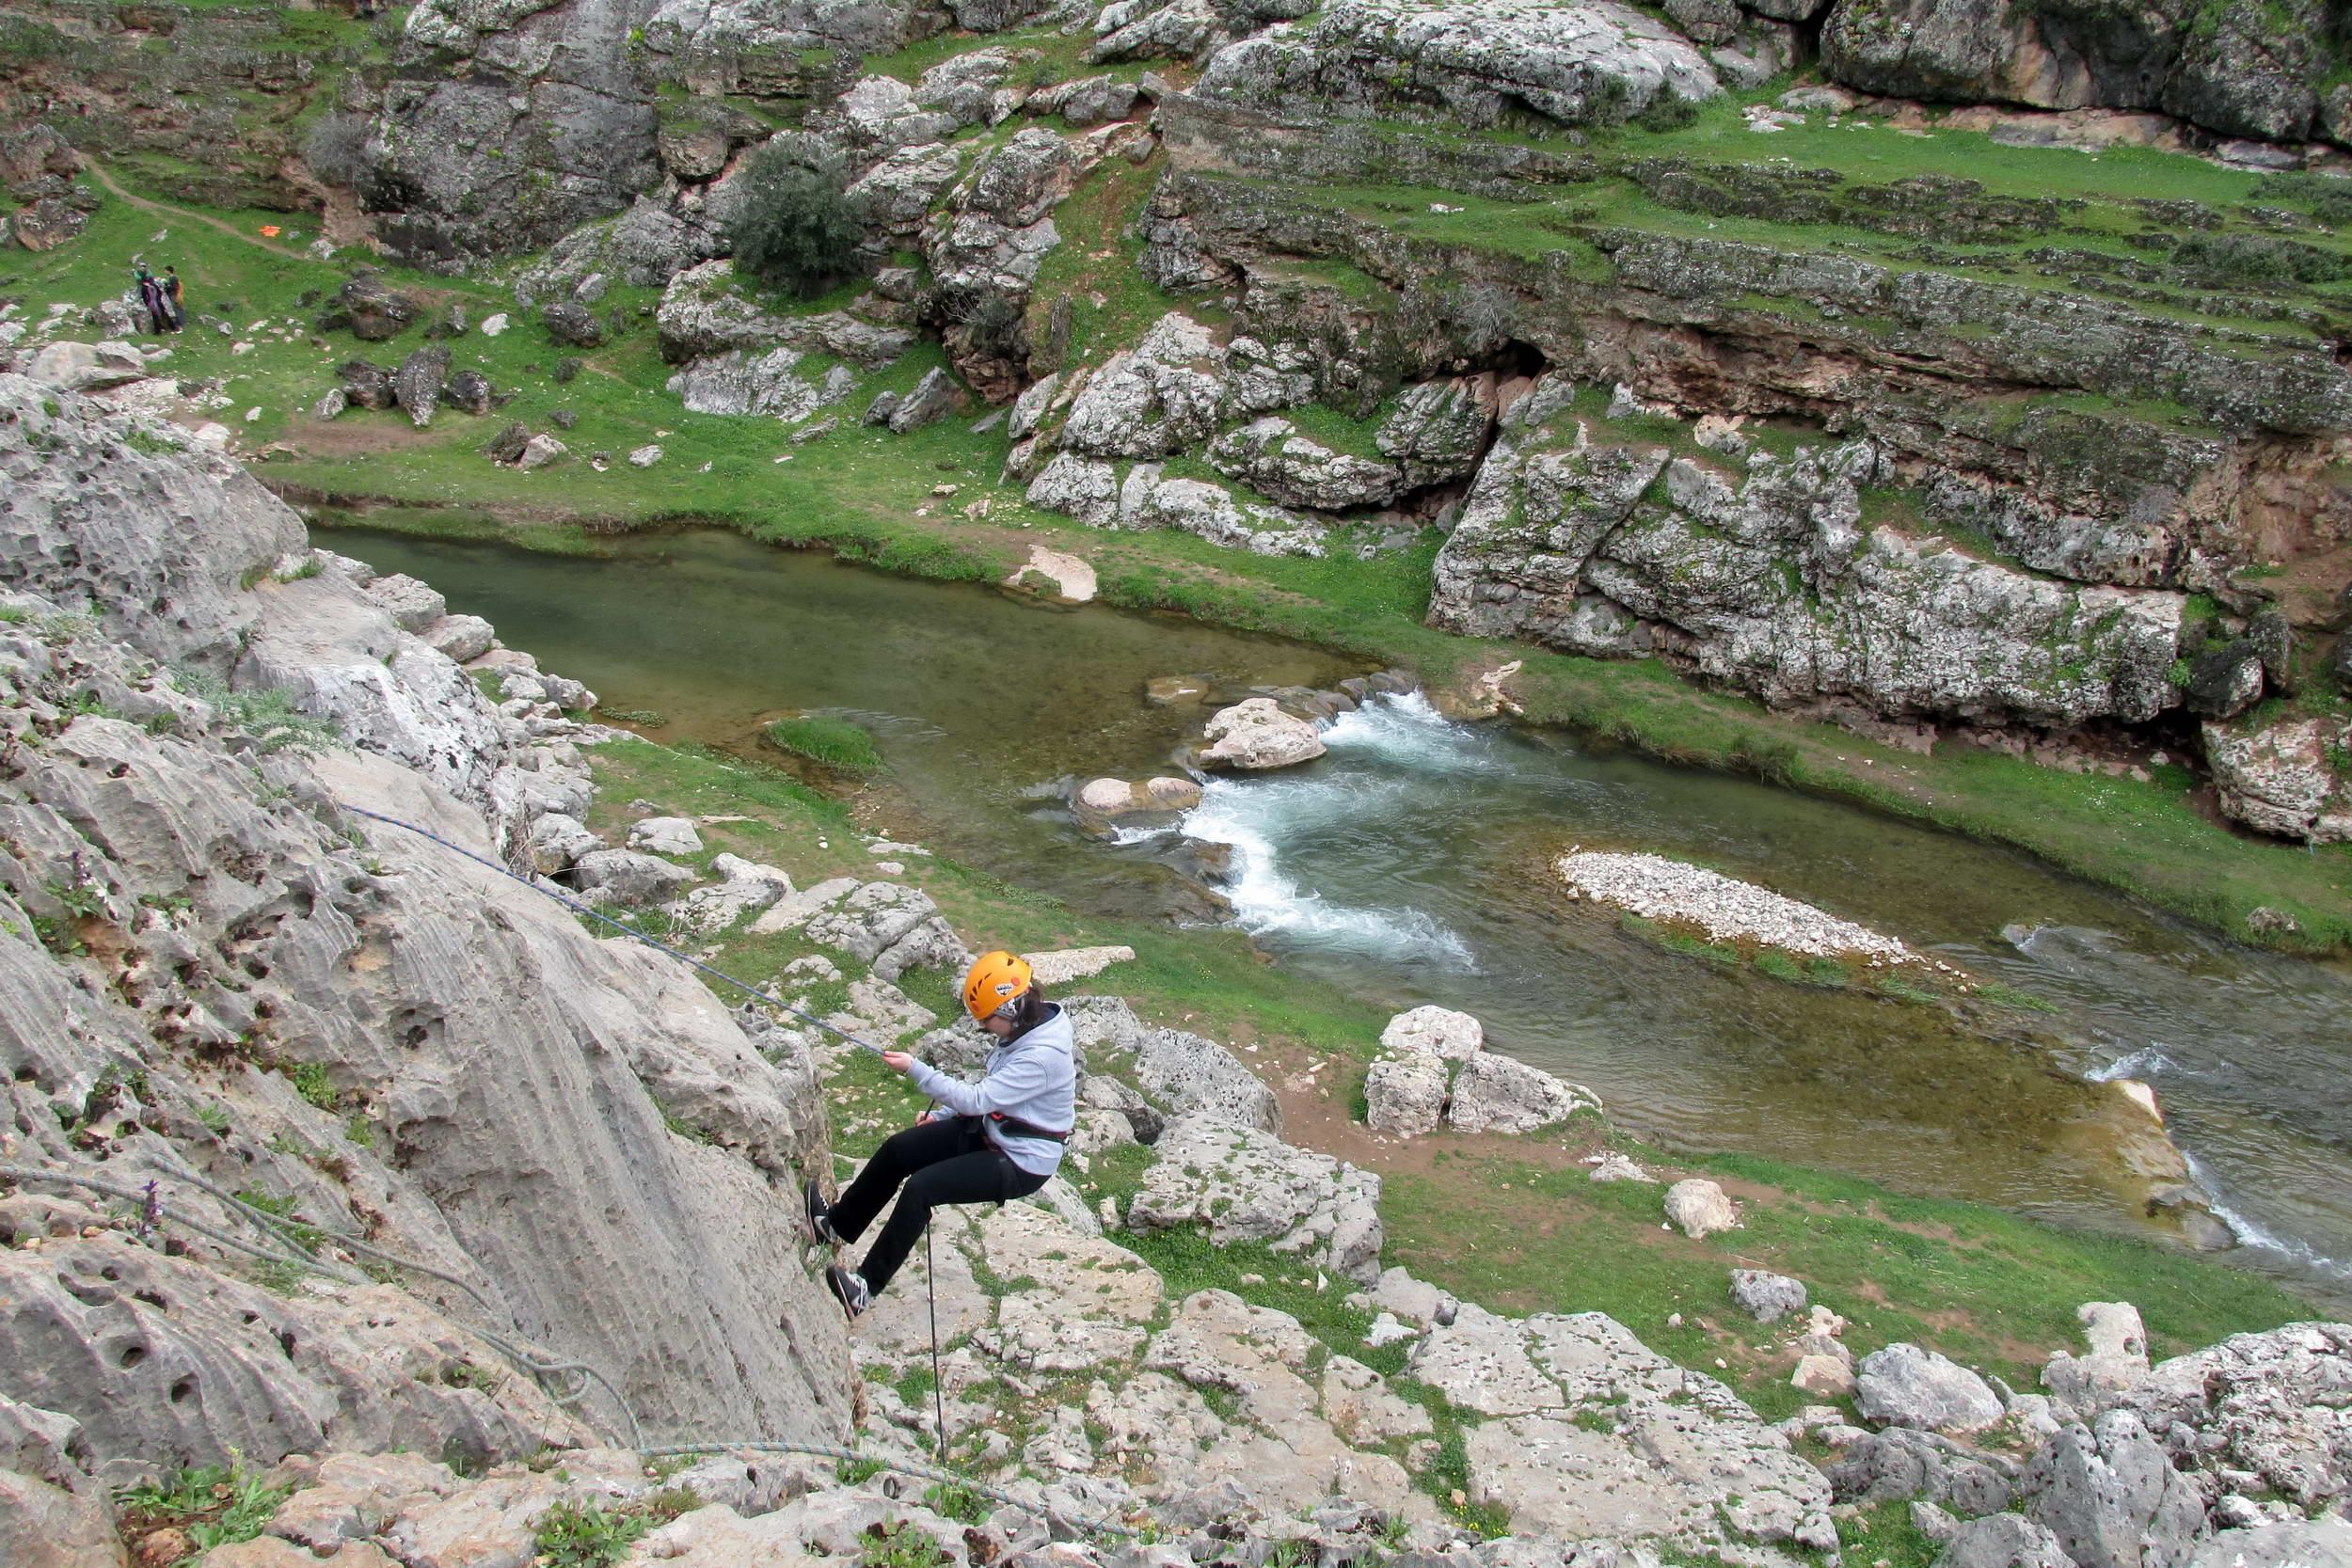 GÜDAT Yaz Gelişim Eğitim Kampını Köklüce Kanyonu'nda Tamamladı (4)